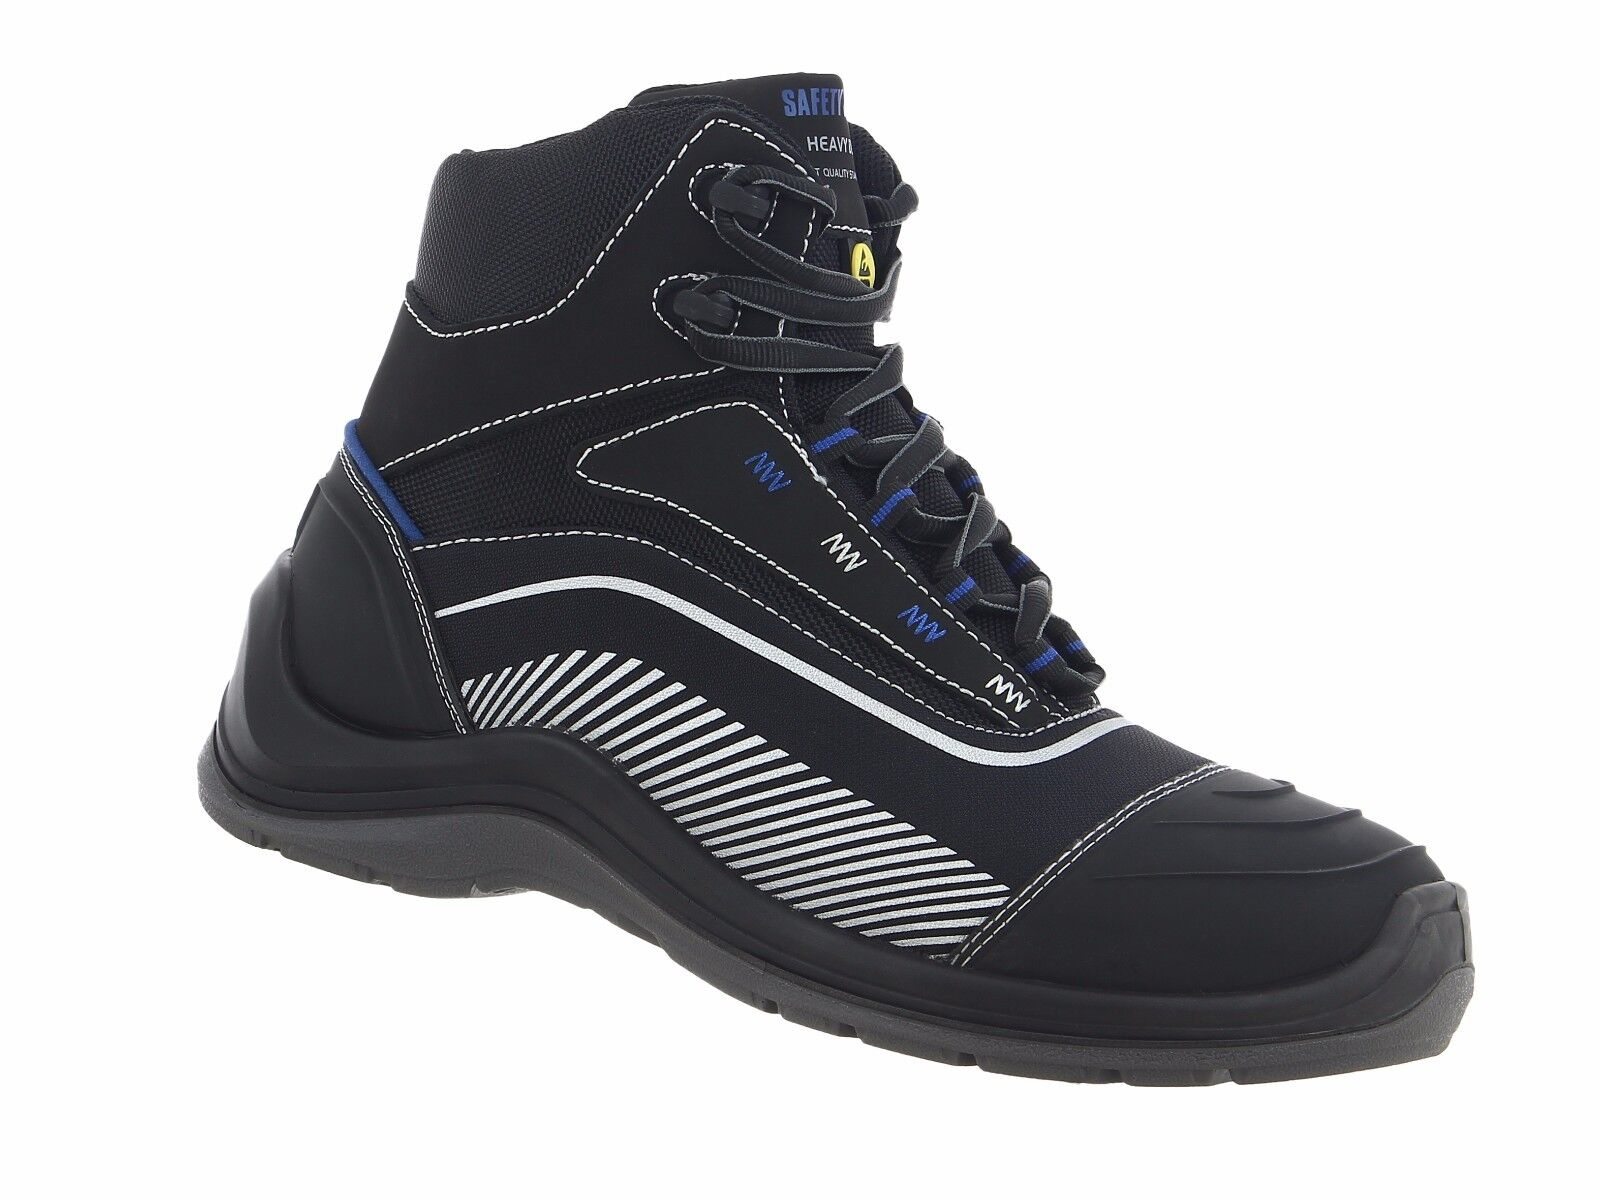 Grandes descuentos nuevos zapatos Nike Blazer Mid Premium Para Hombre Tenis